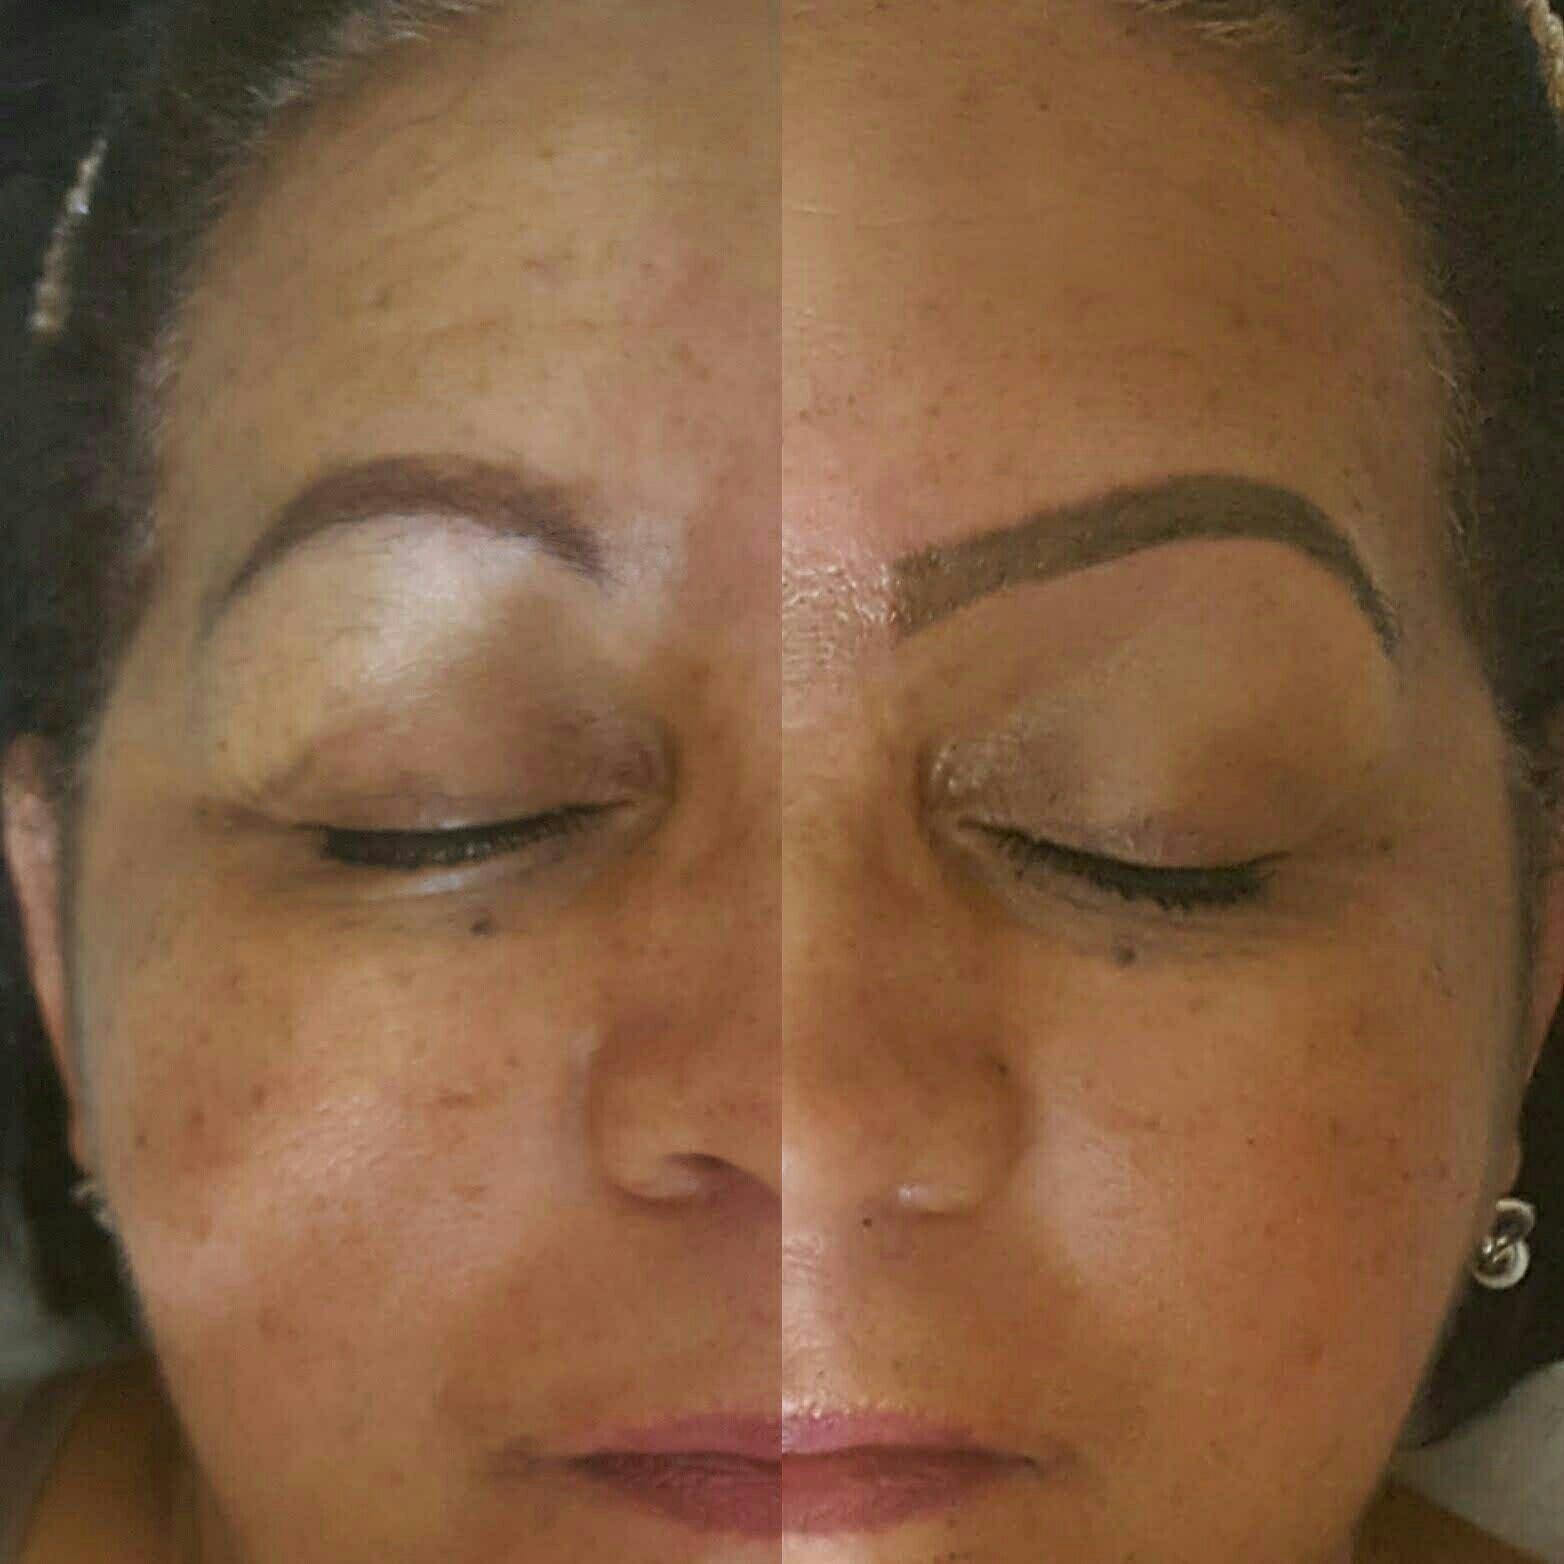 Micropigmentação + designer de sobrancelhas, técnica esfumada estética cabeleireiro(a) maquiador(a) micropigmentador(a)